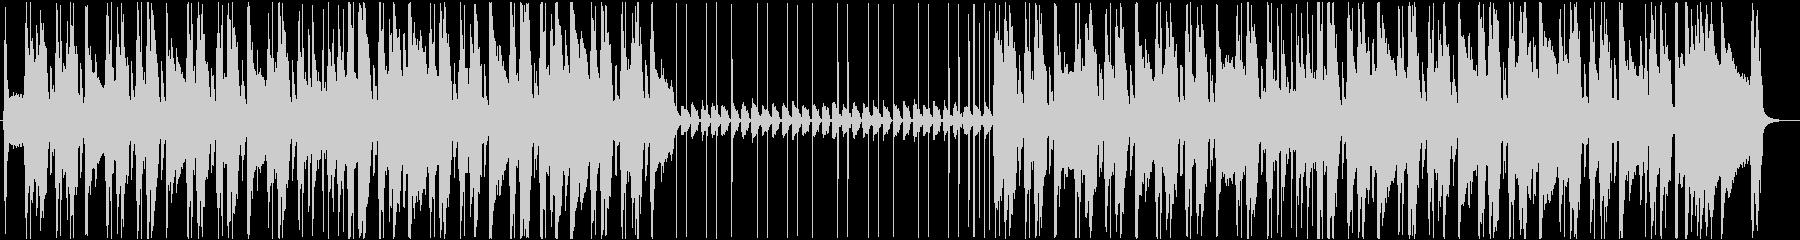 スタイリッシュなアコースティックギターの未再生の波形